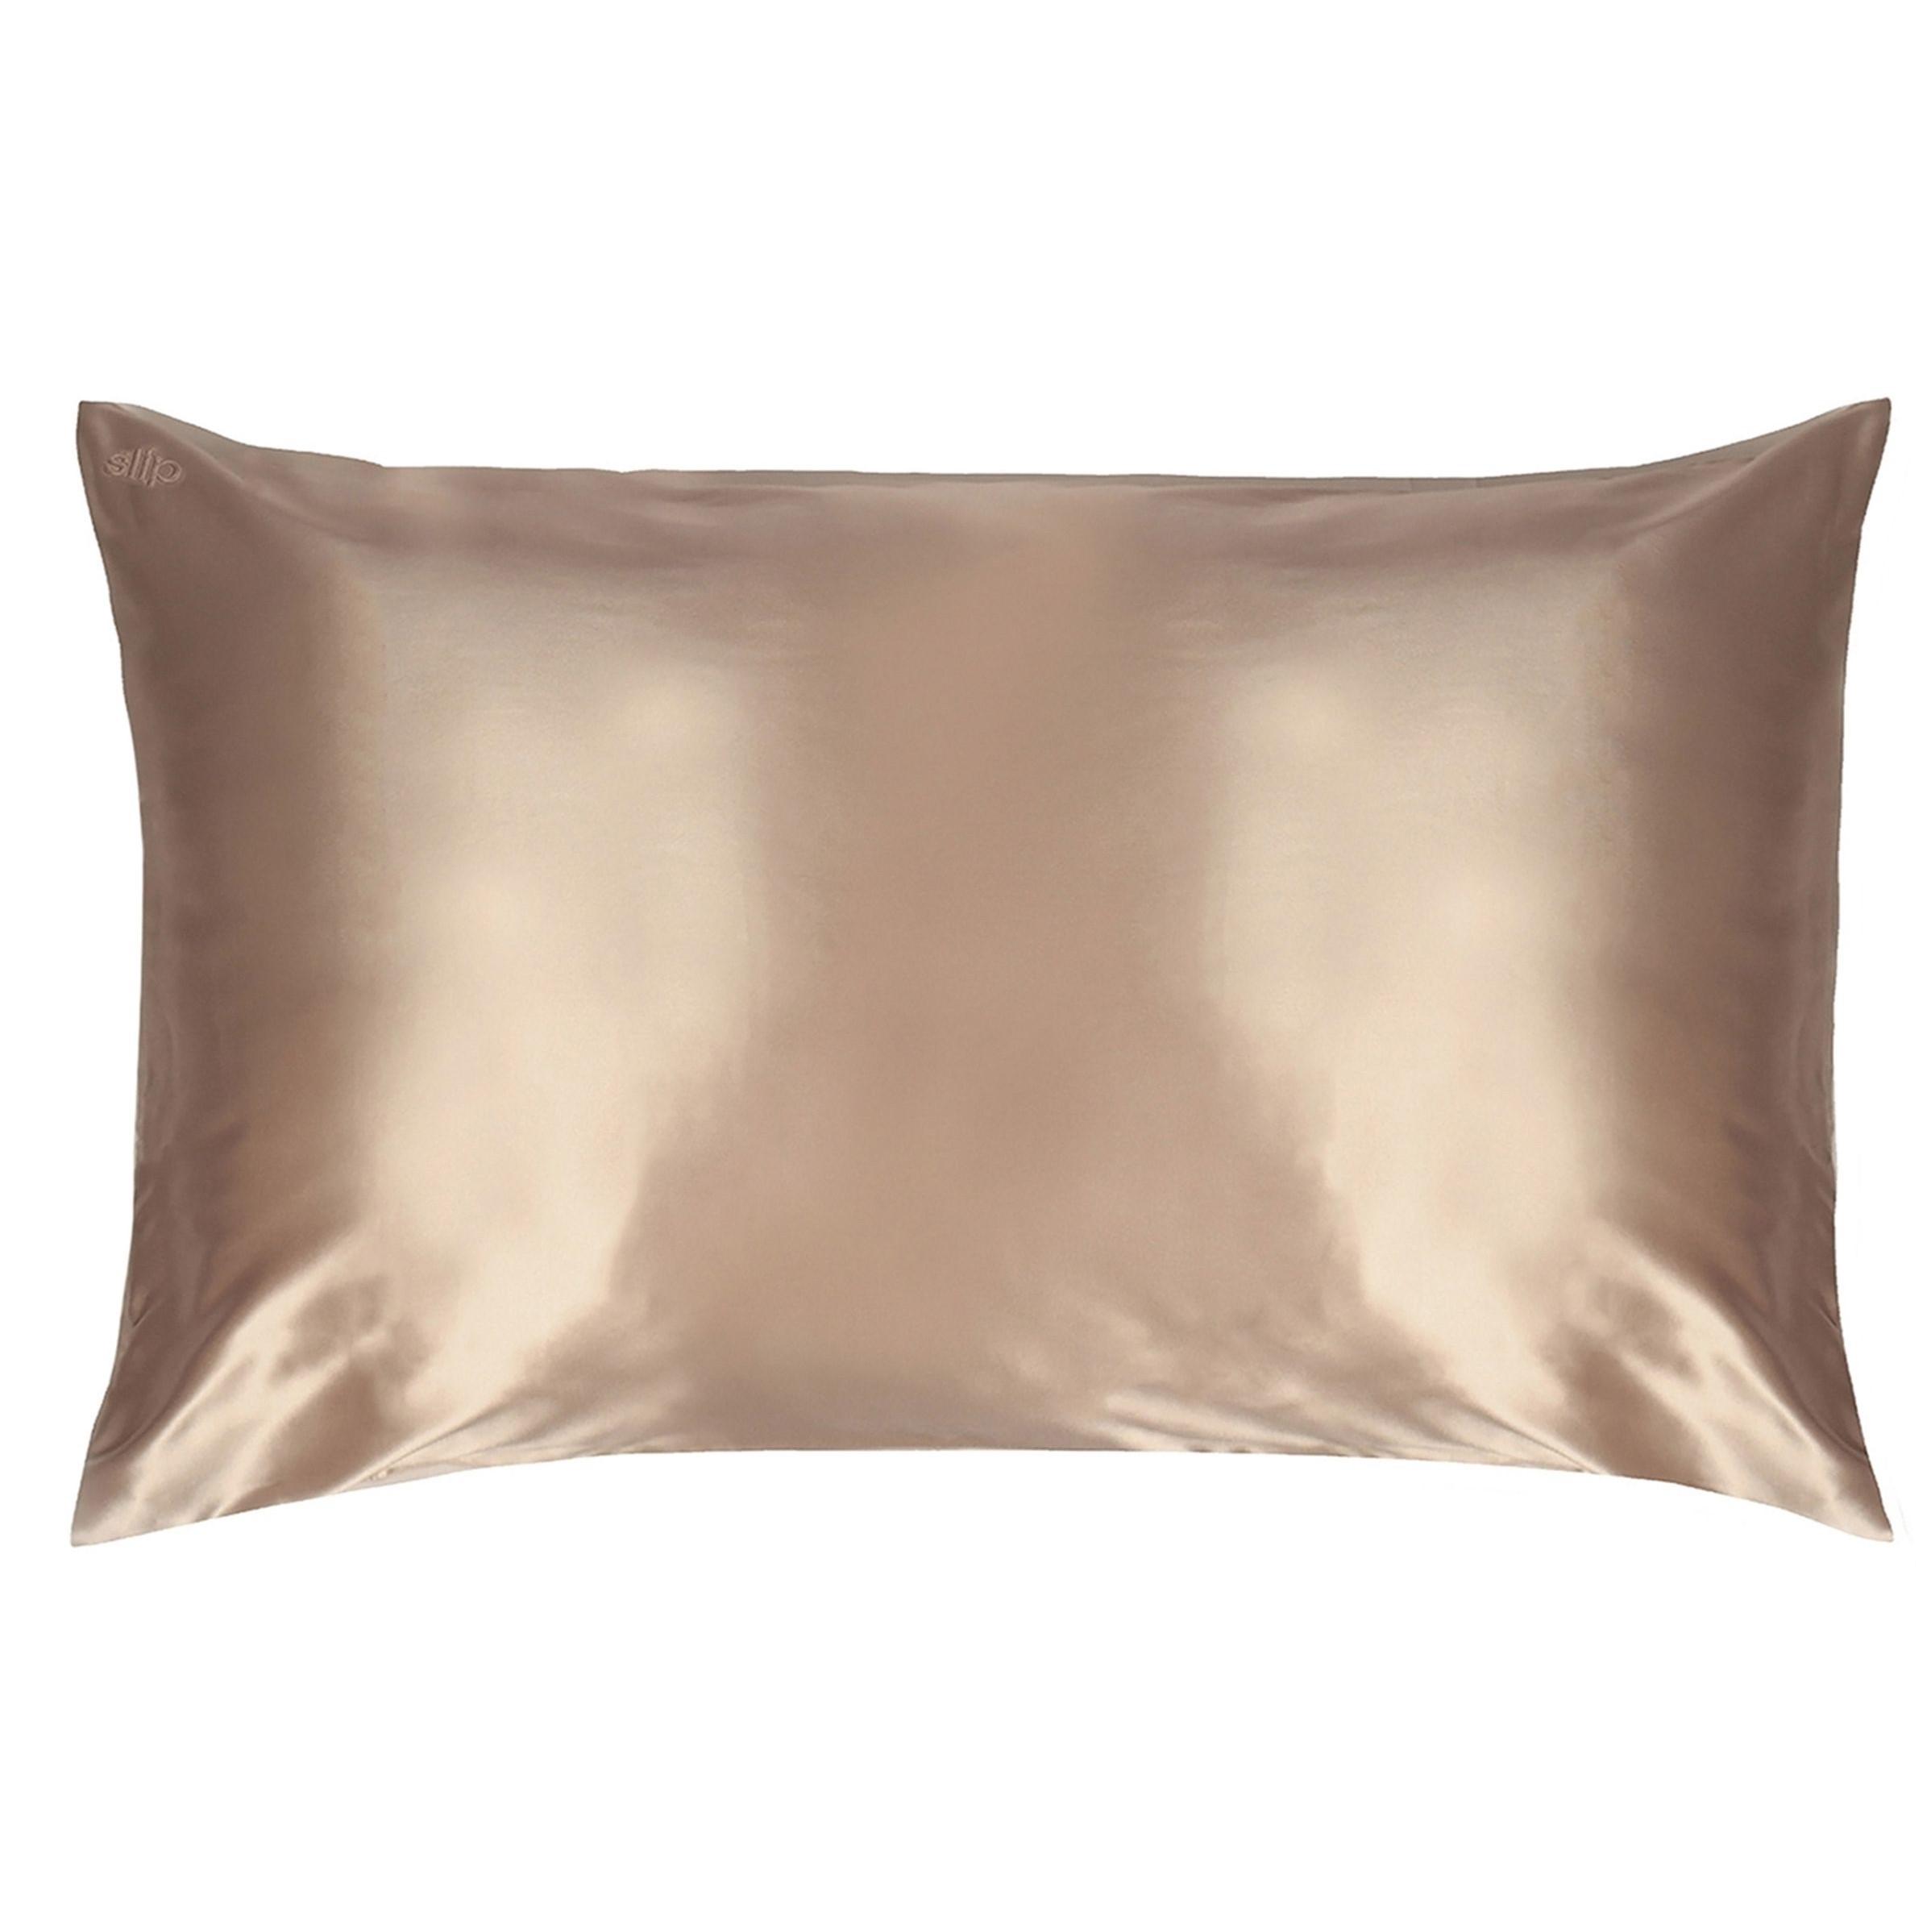 Silk Pillowcase - King, CARAMEL, large